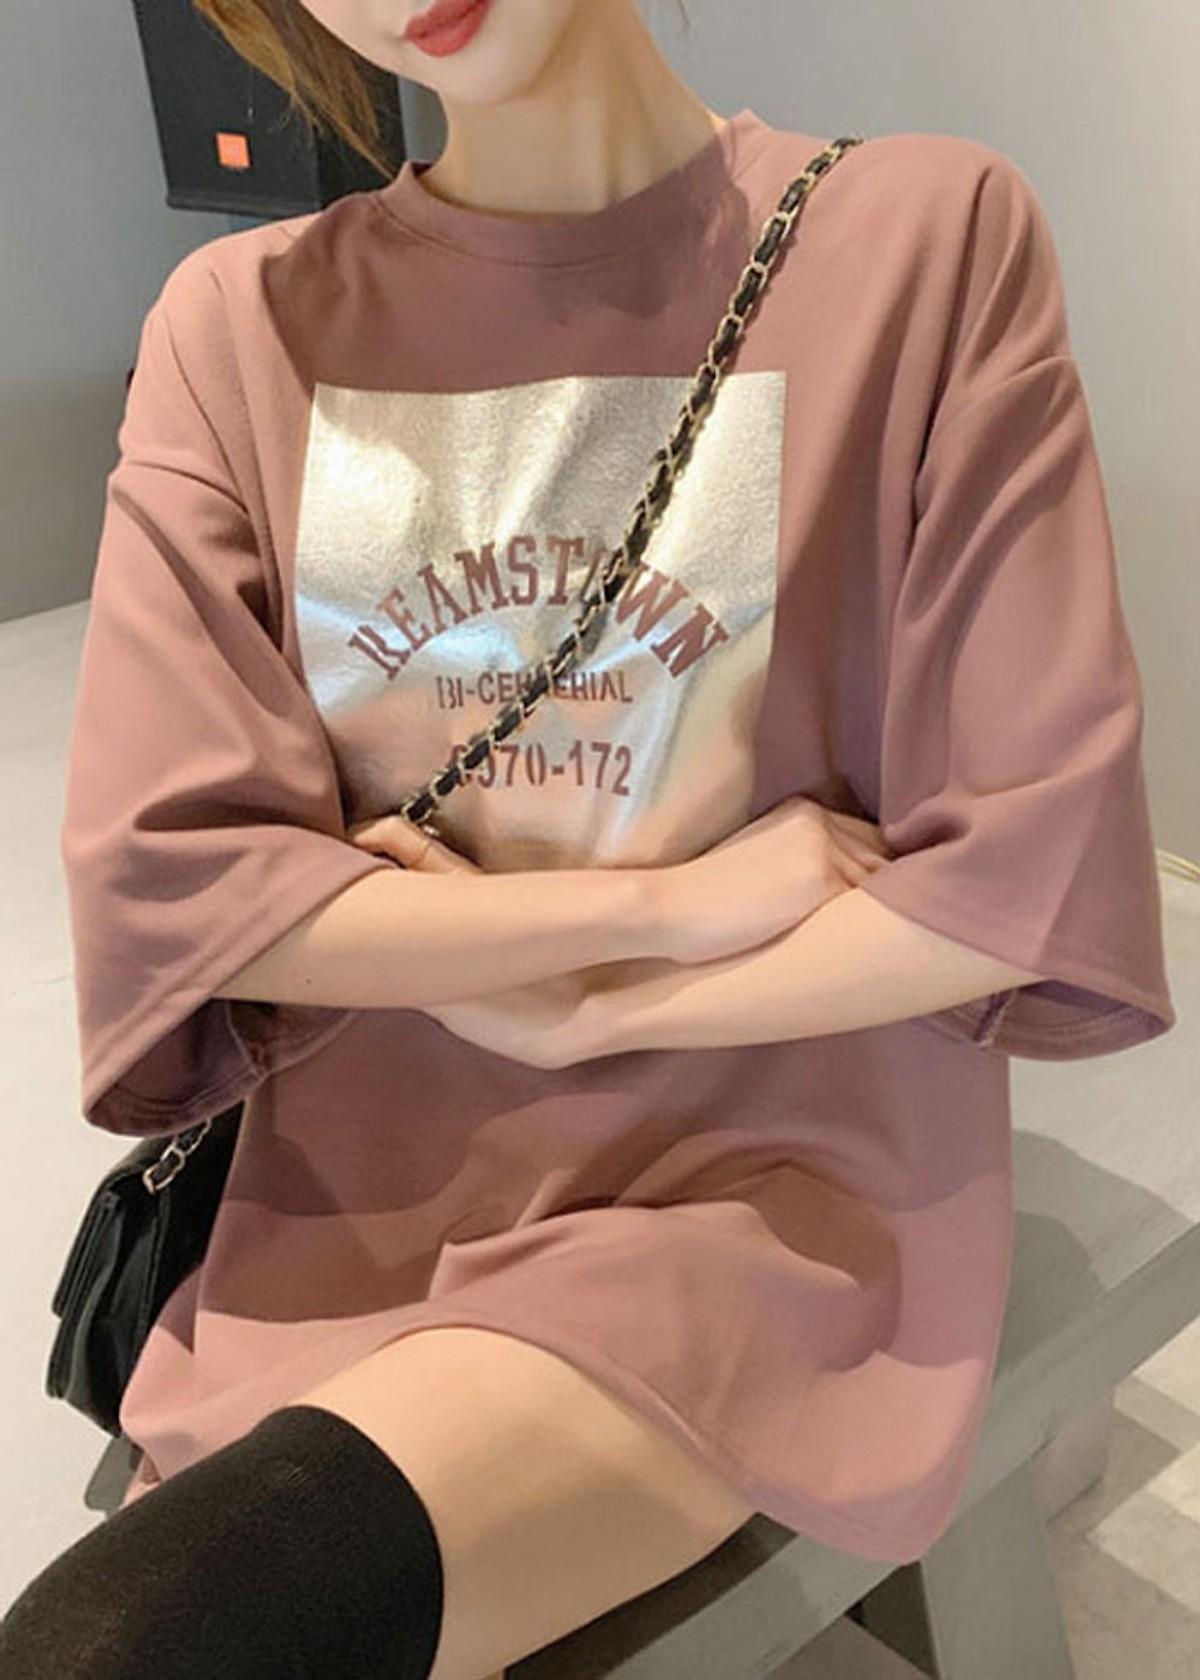 [HCM][Kèm video thật] Áo thun nữ ao thun nu áo thun nữ form rộng giấu quần REAMSTOWN mẫu Hot nhất năm nay